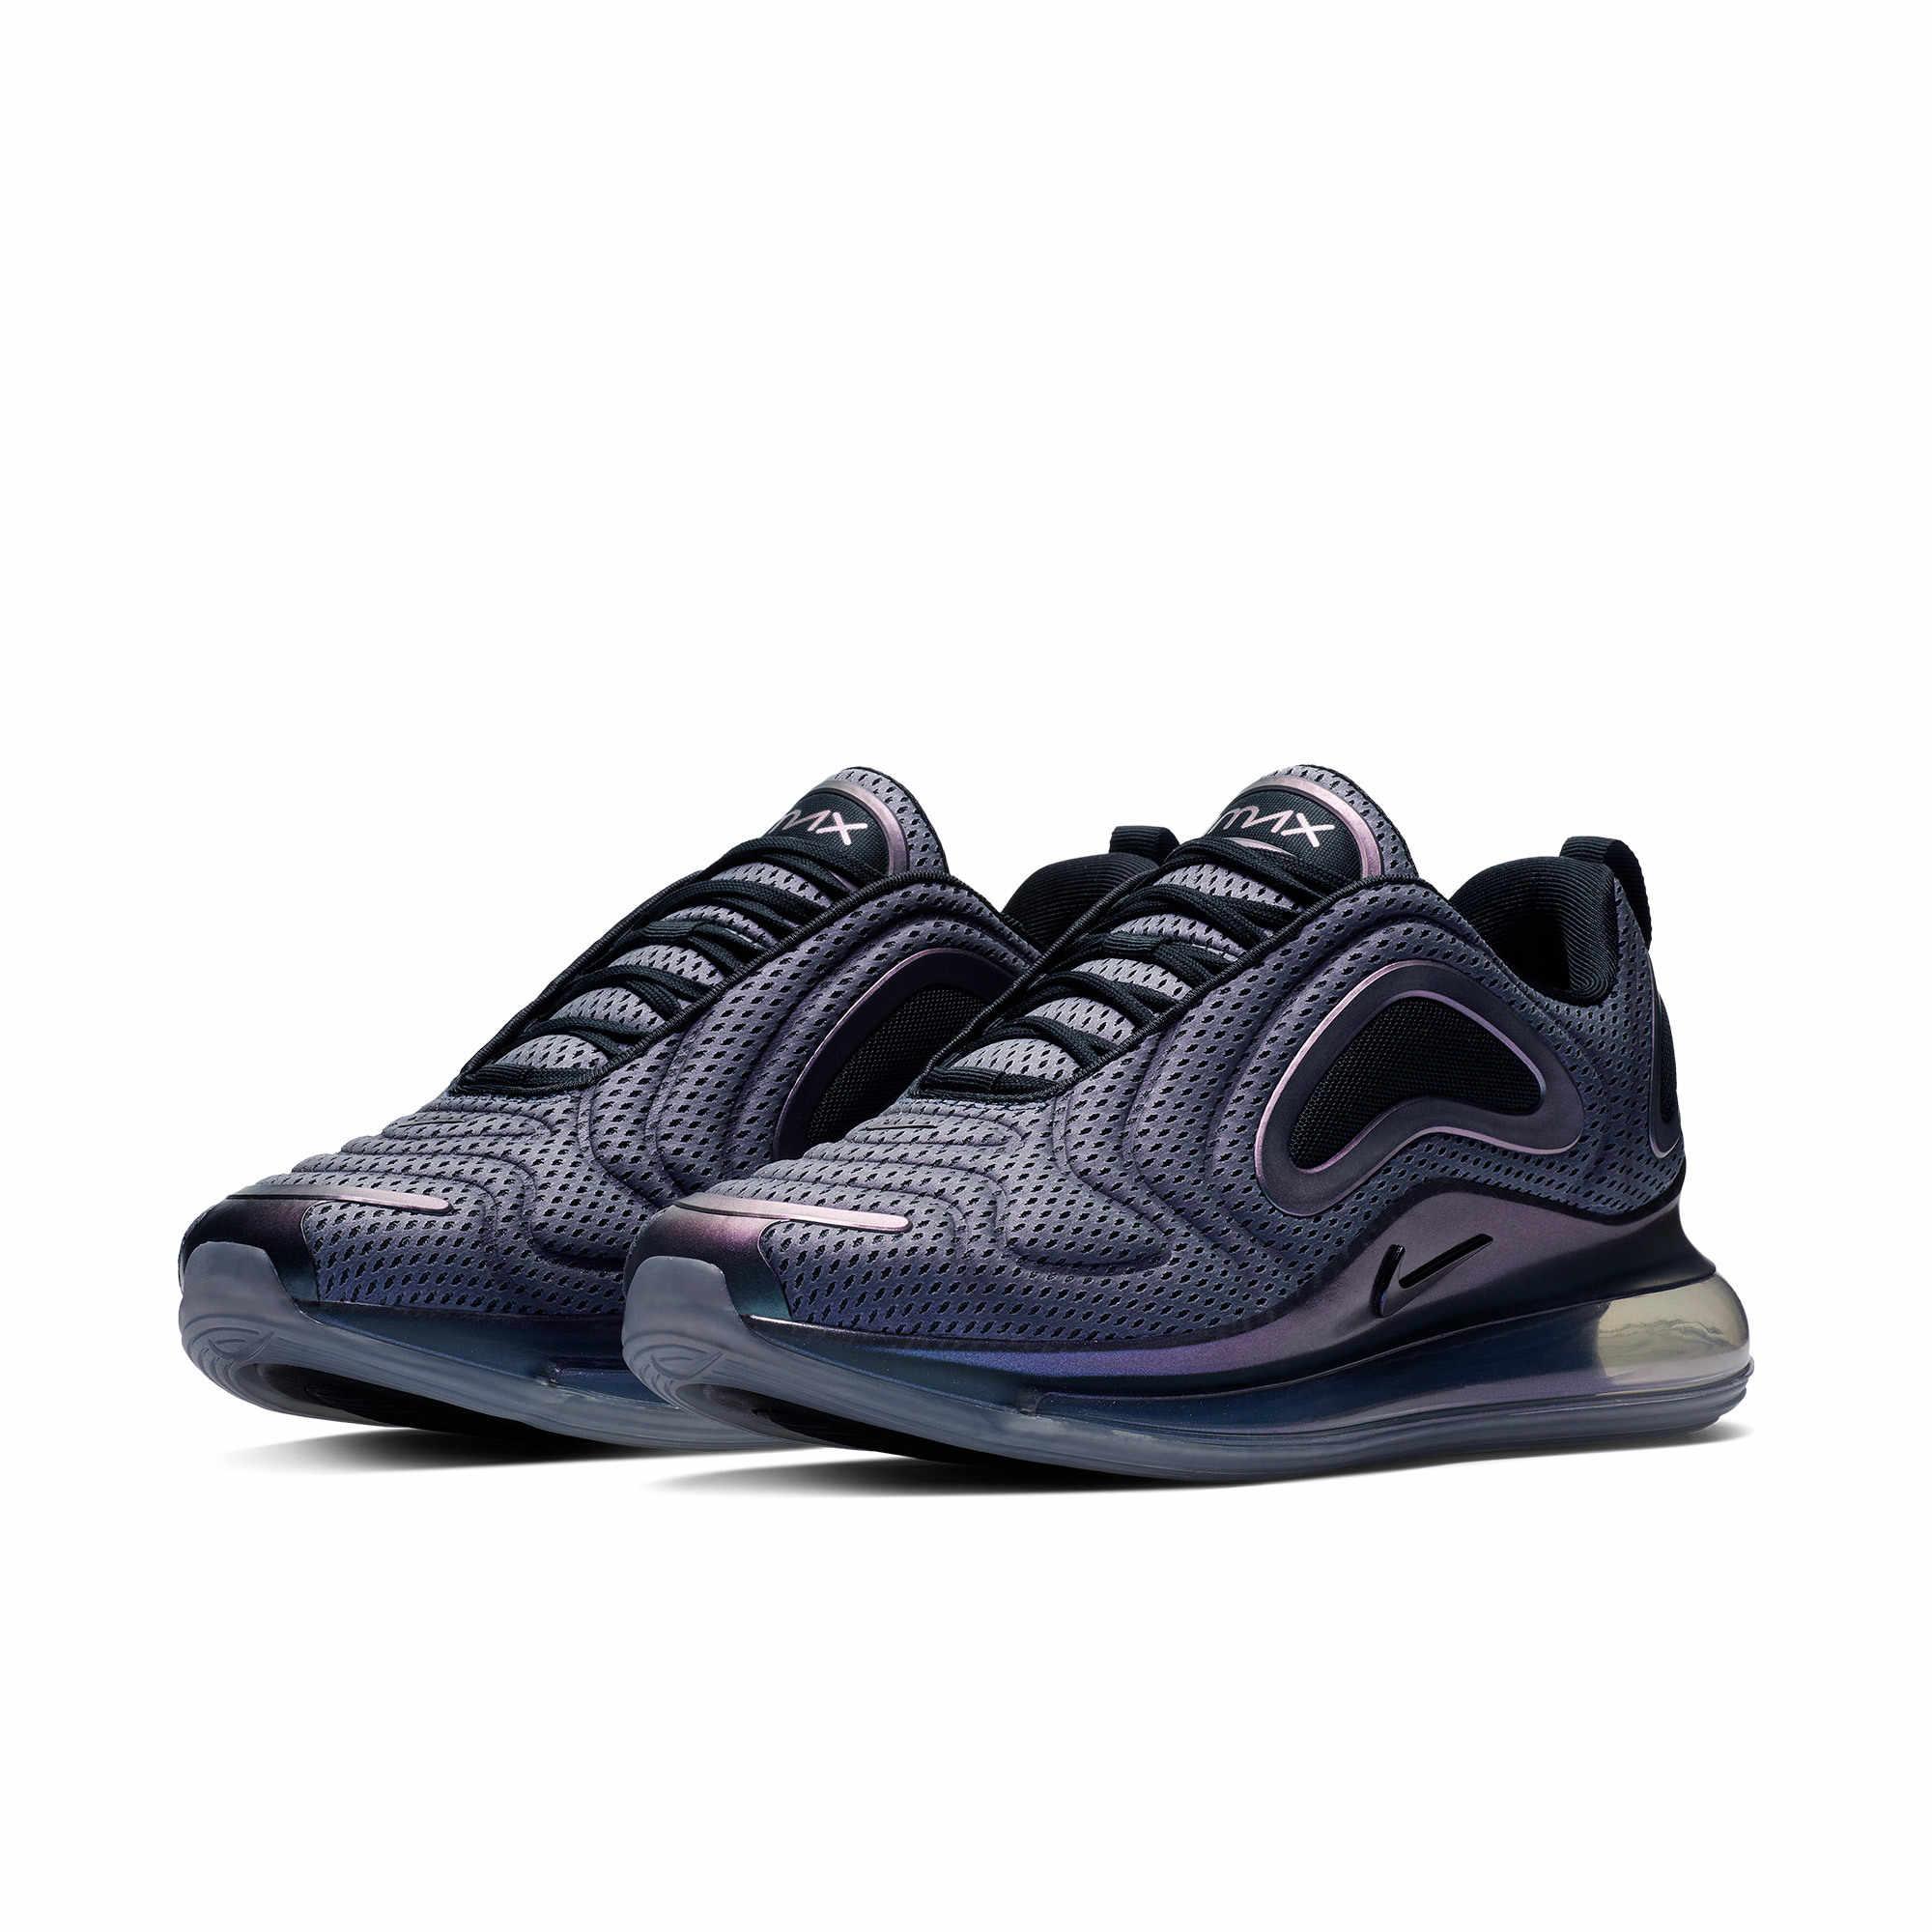 نايك الجوية ماكس 720 الرجال احذية الجري 2019 جديد نمط مريحة تنفس وسادة هوائية حذاء الرياضة في الهواء الطلق # AO2924-001